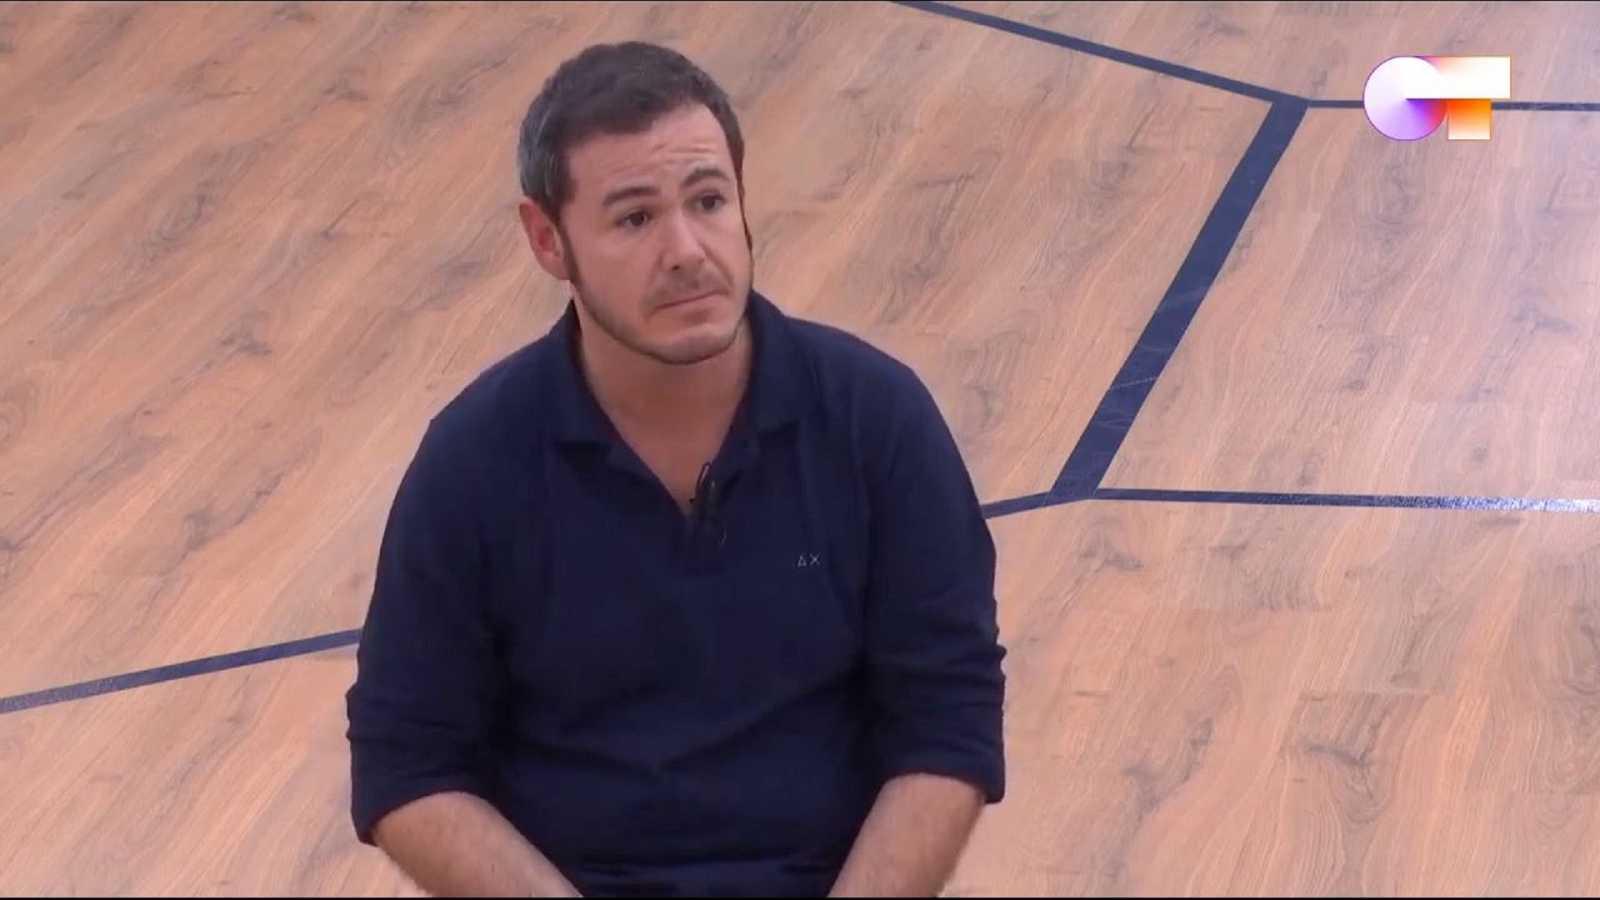 Ivan Labanda pide perdón por un ejercicio ofensivo con el colectivo LGTBI que le pidió hacer a Bruno